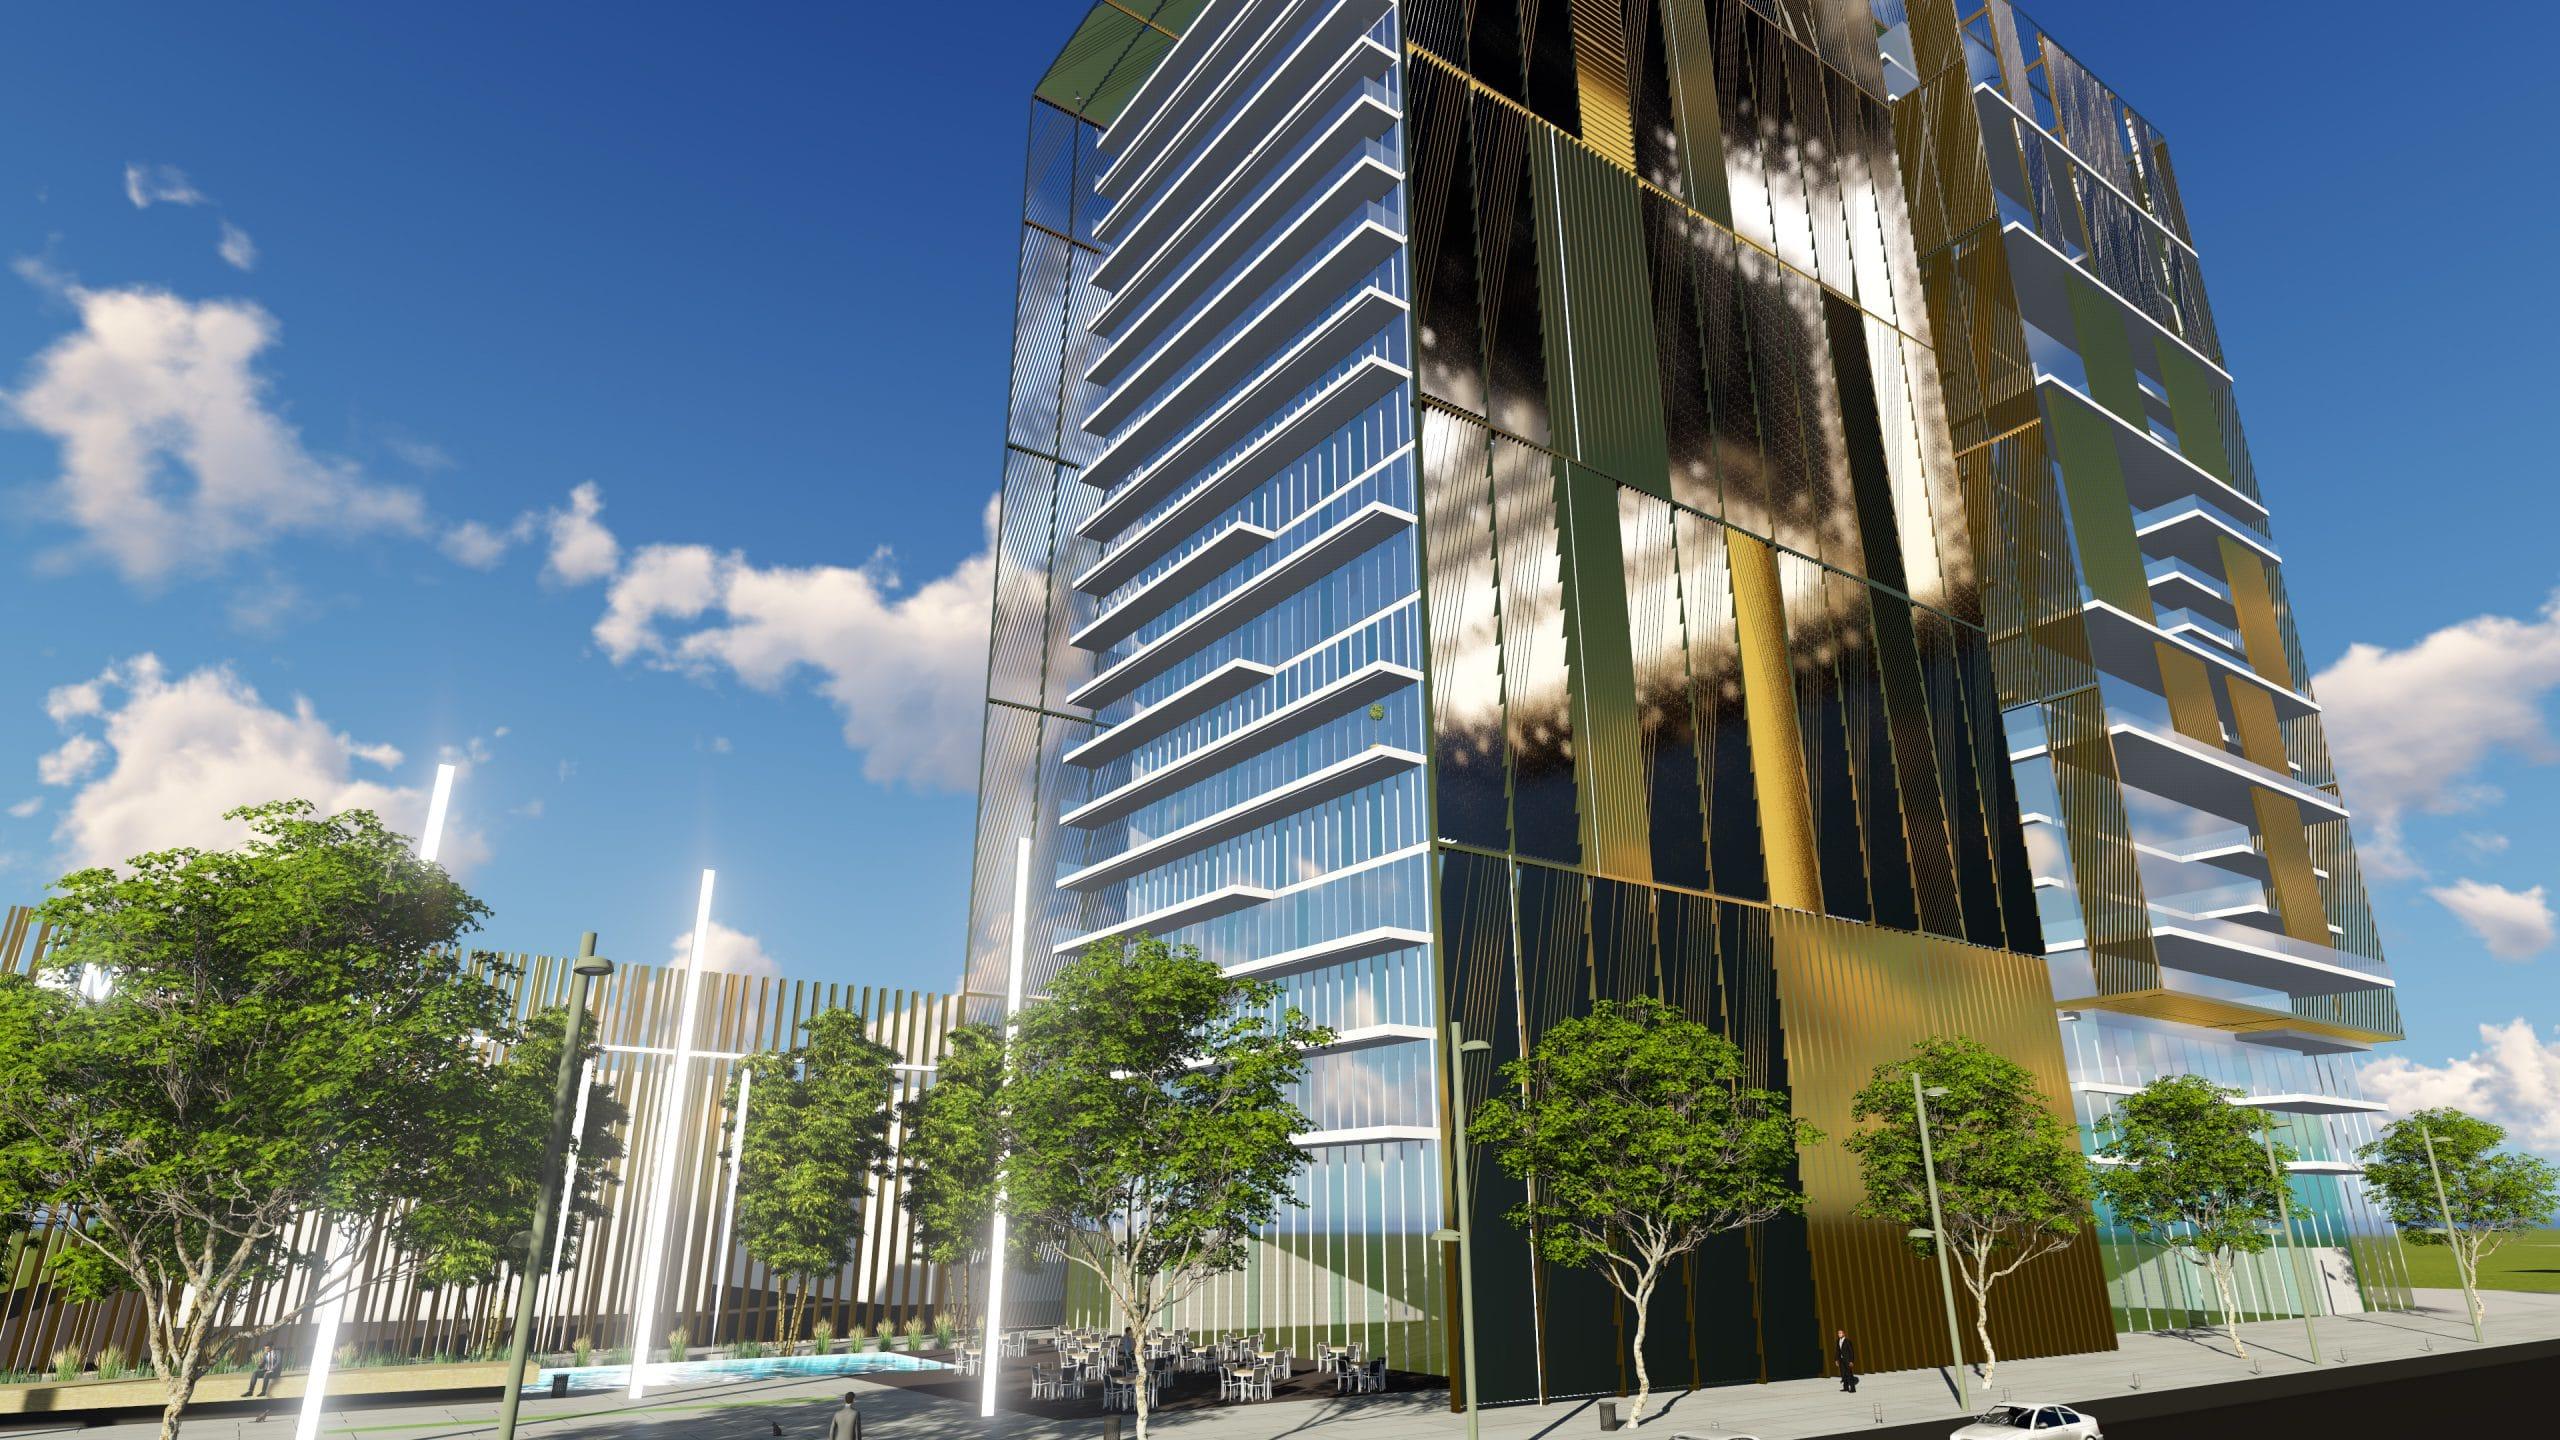 אדריכל מגדלי משרדים